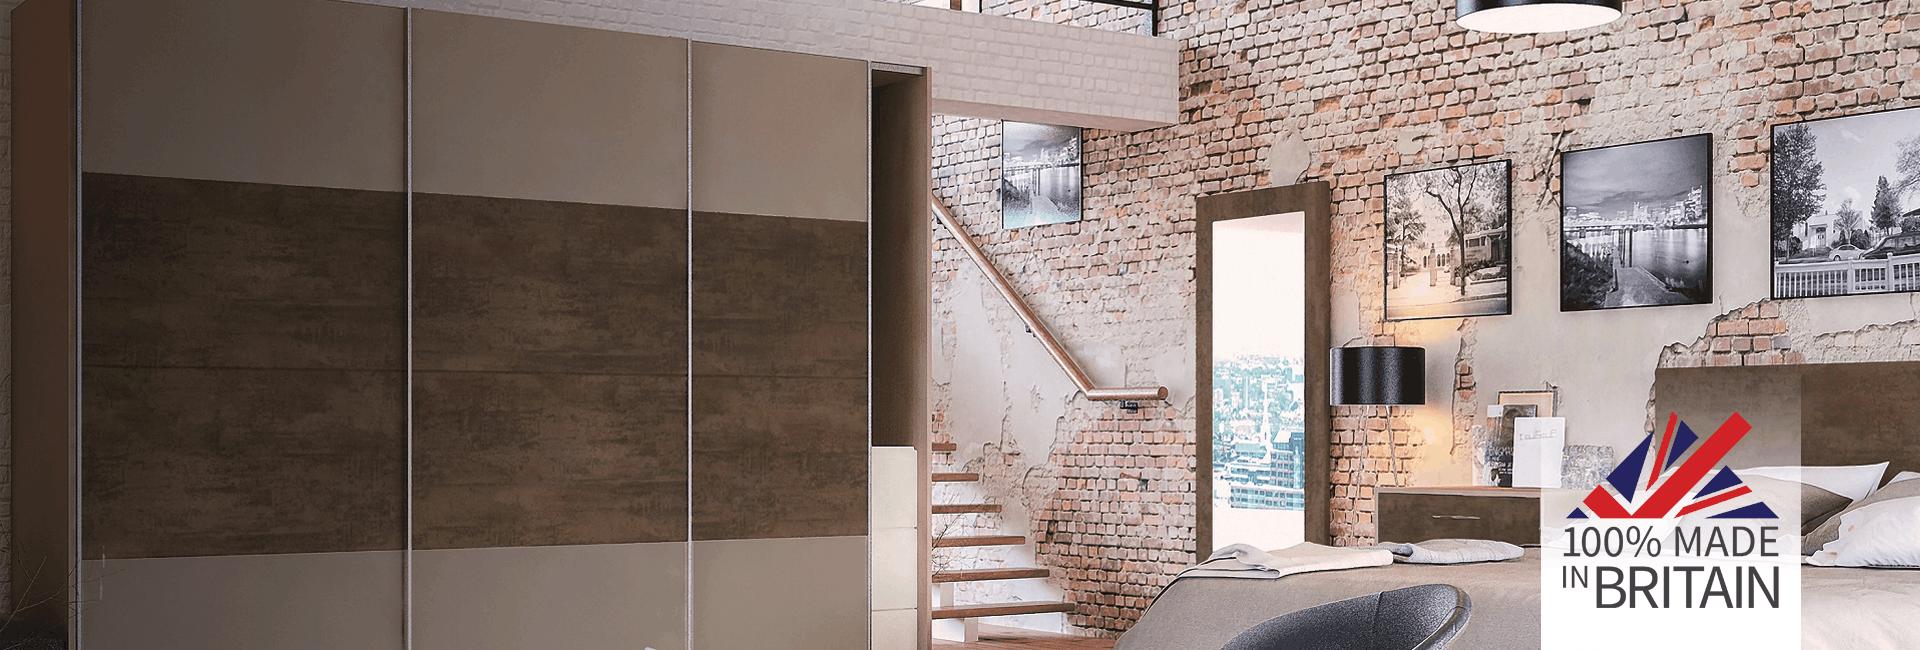 Weaver Danes Bedrooms